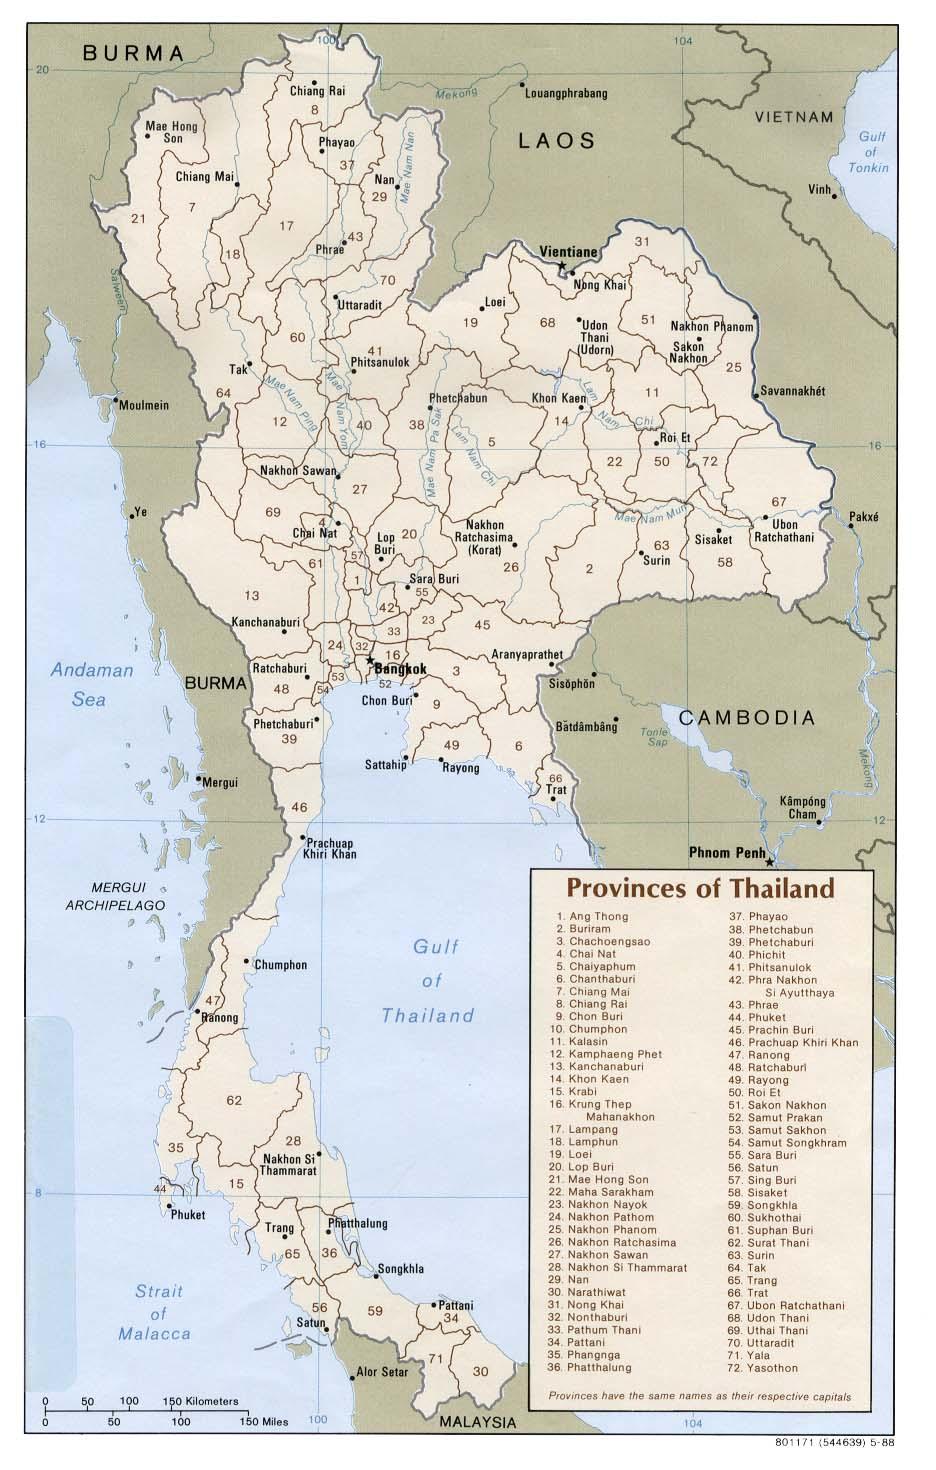 Thailand_provinces